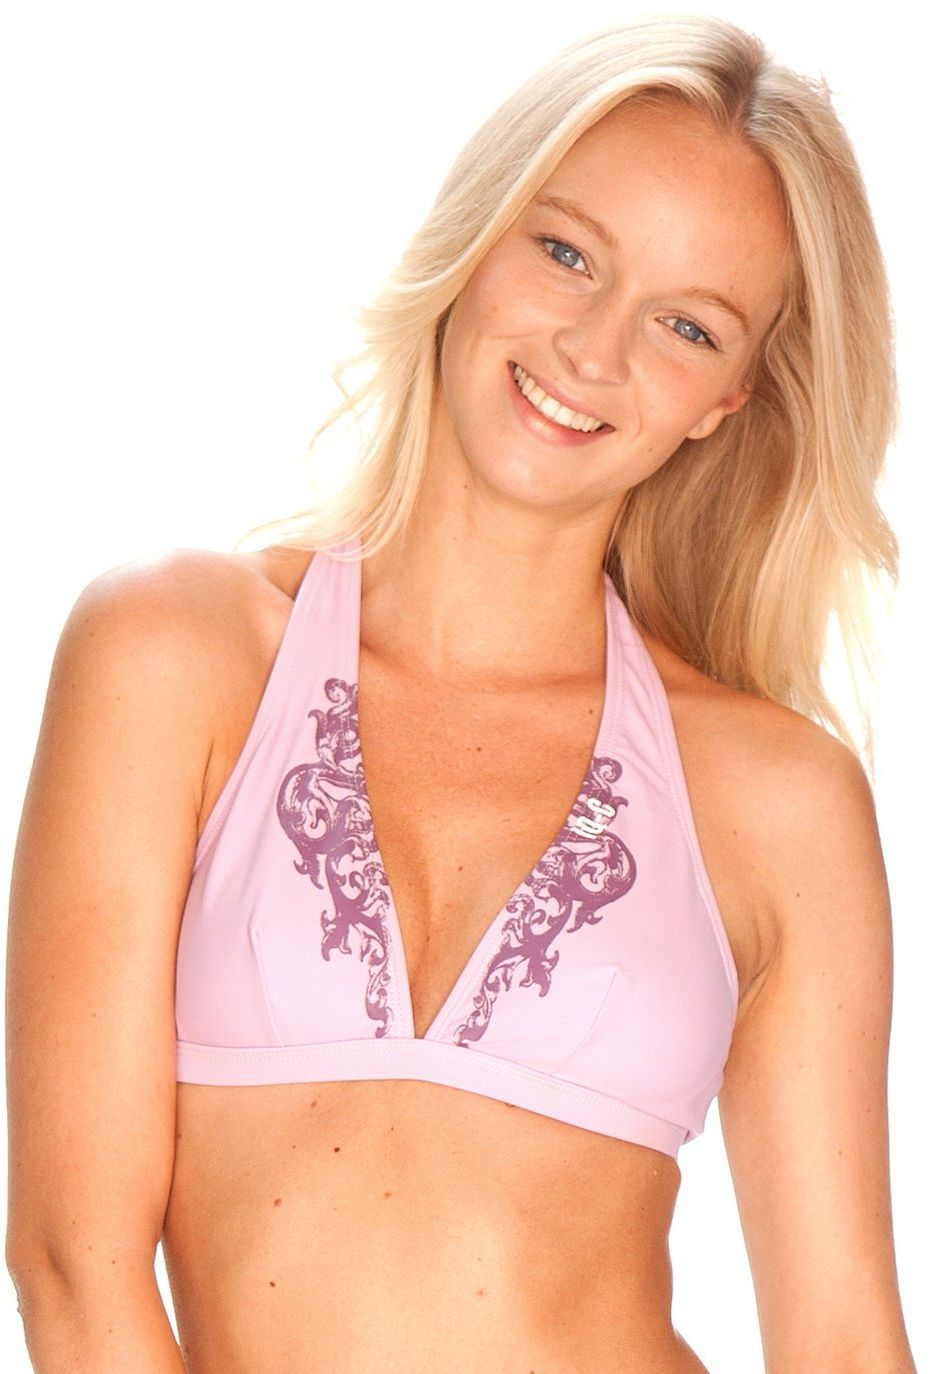 iQ-Company damska koszulka bikini wiązana na szyi Respect, 2335_lilac, 38, 673539_2335_38